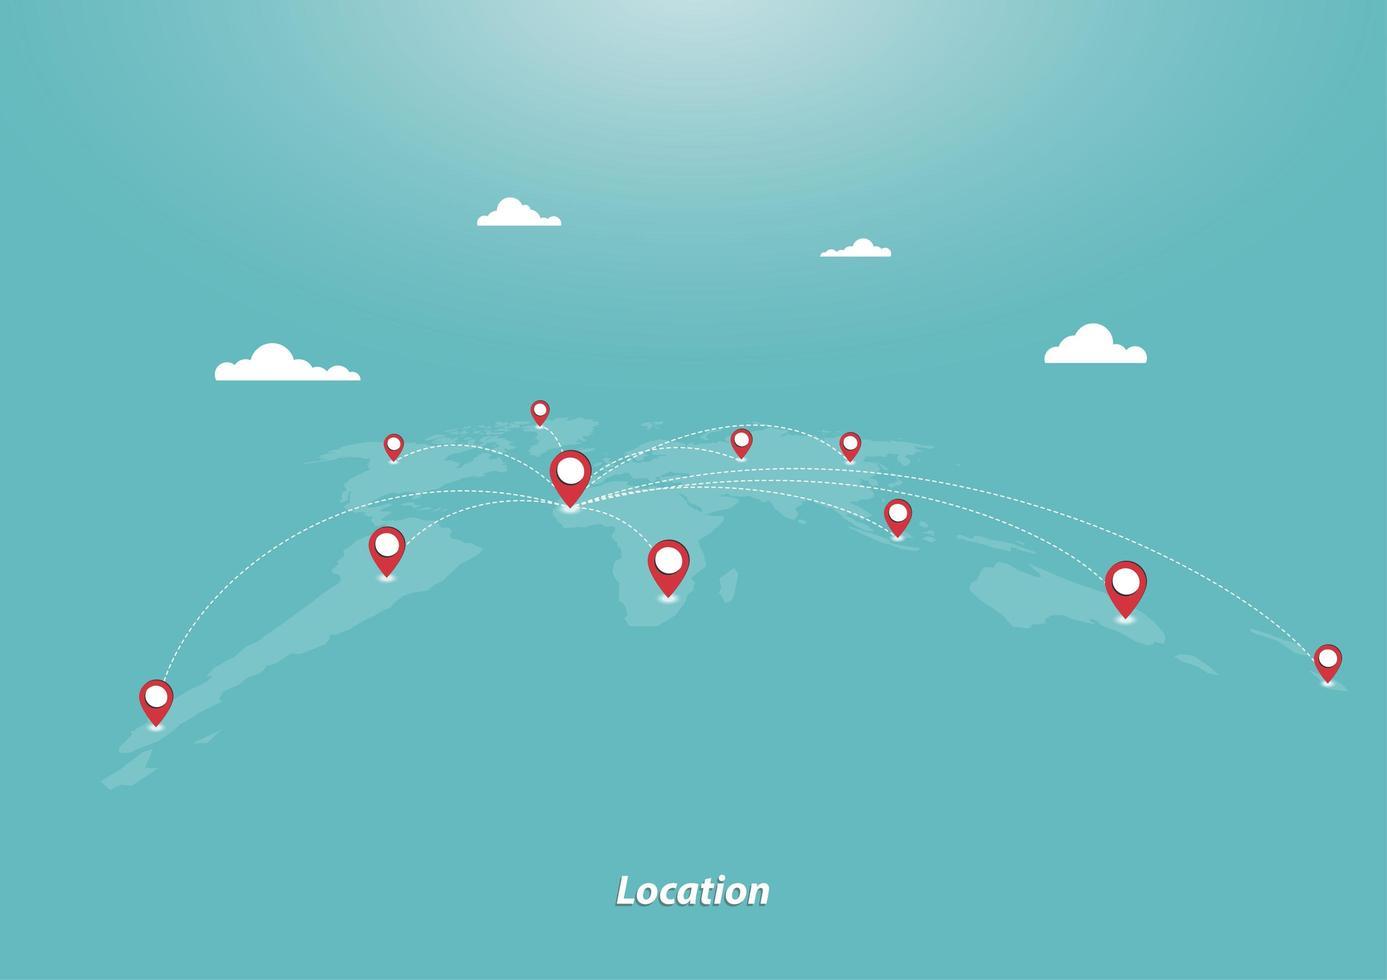 negocios y geolocalización vector